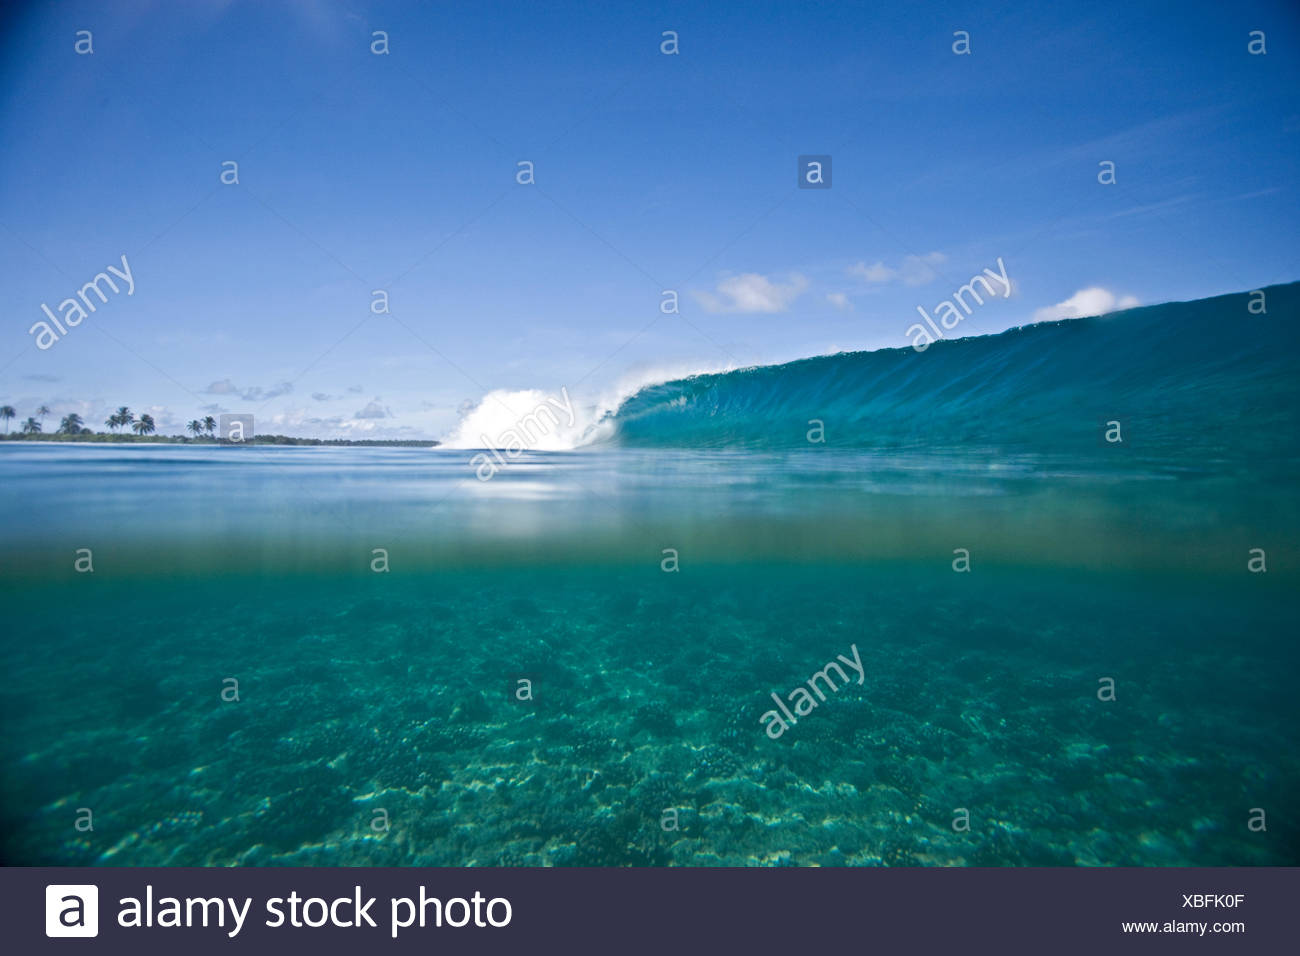 Ocean wave breaking - Stock Image